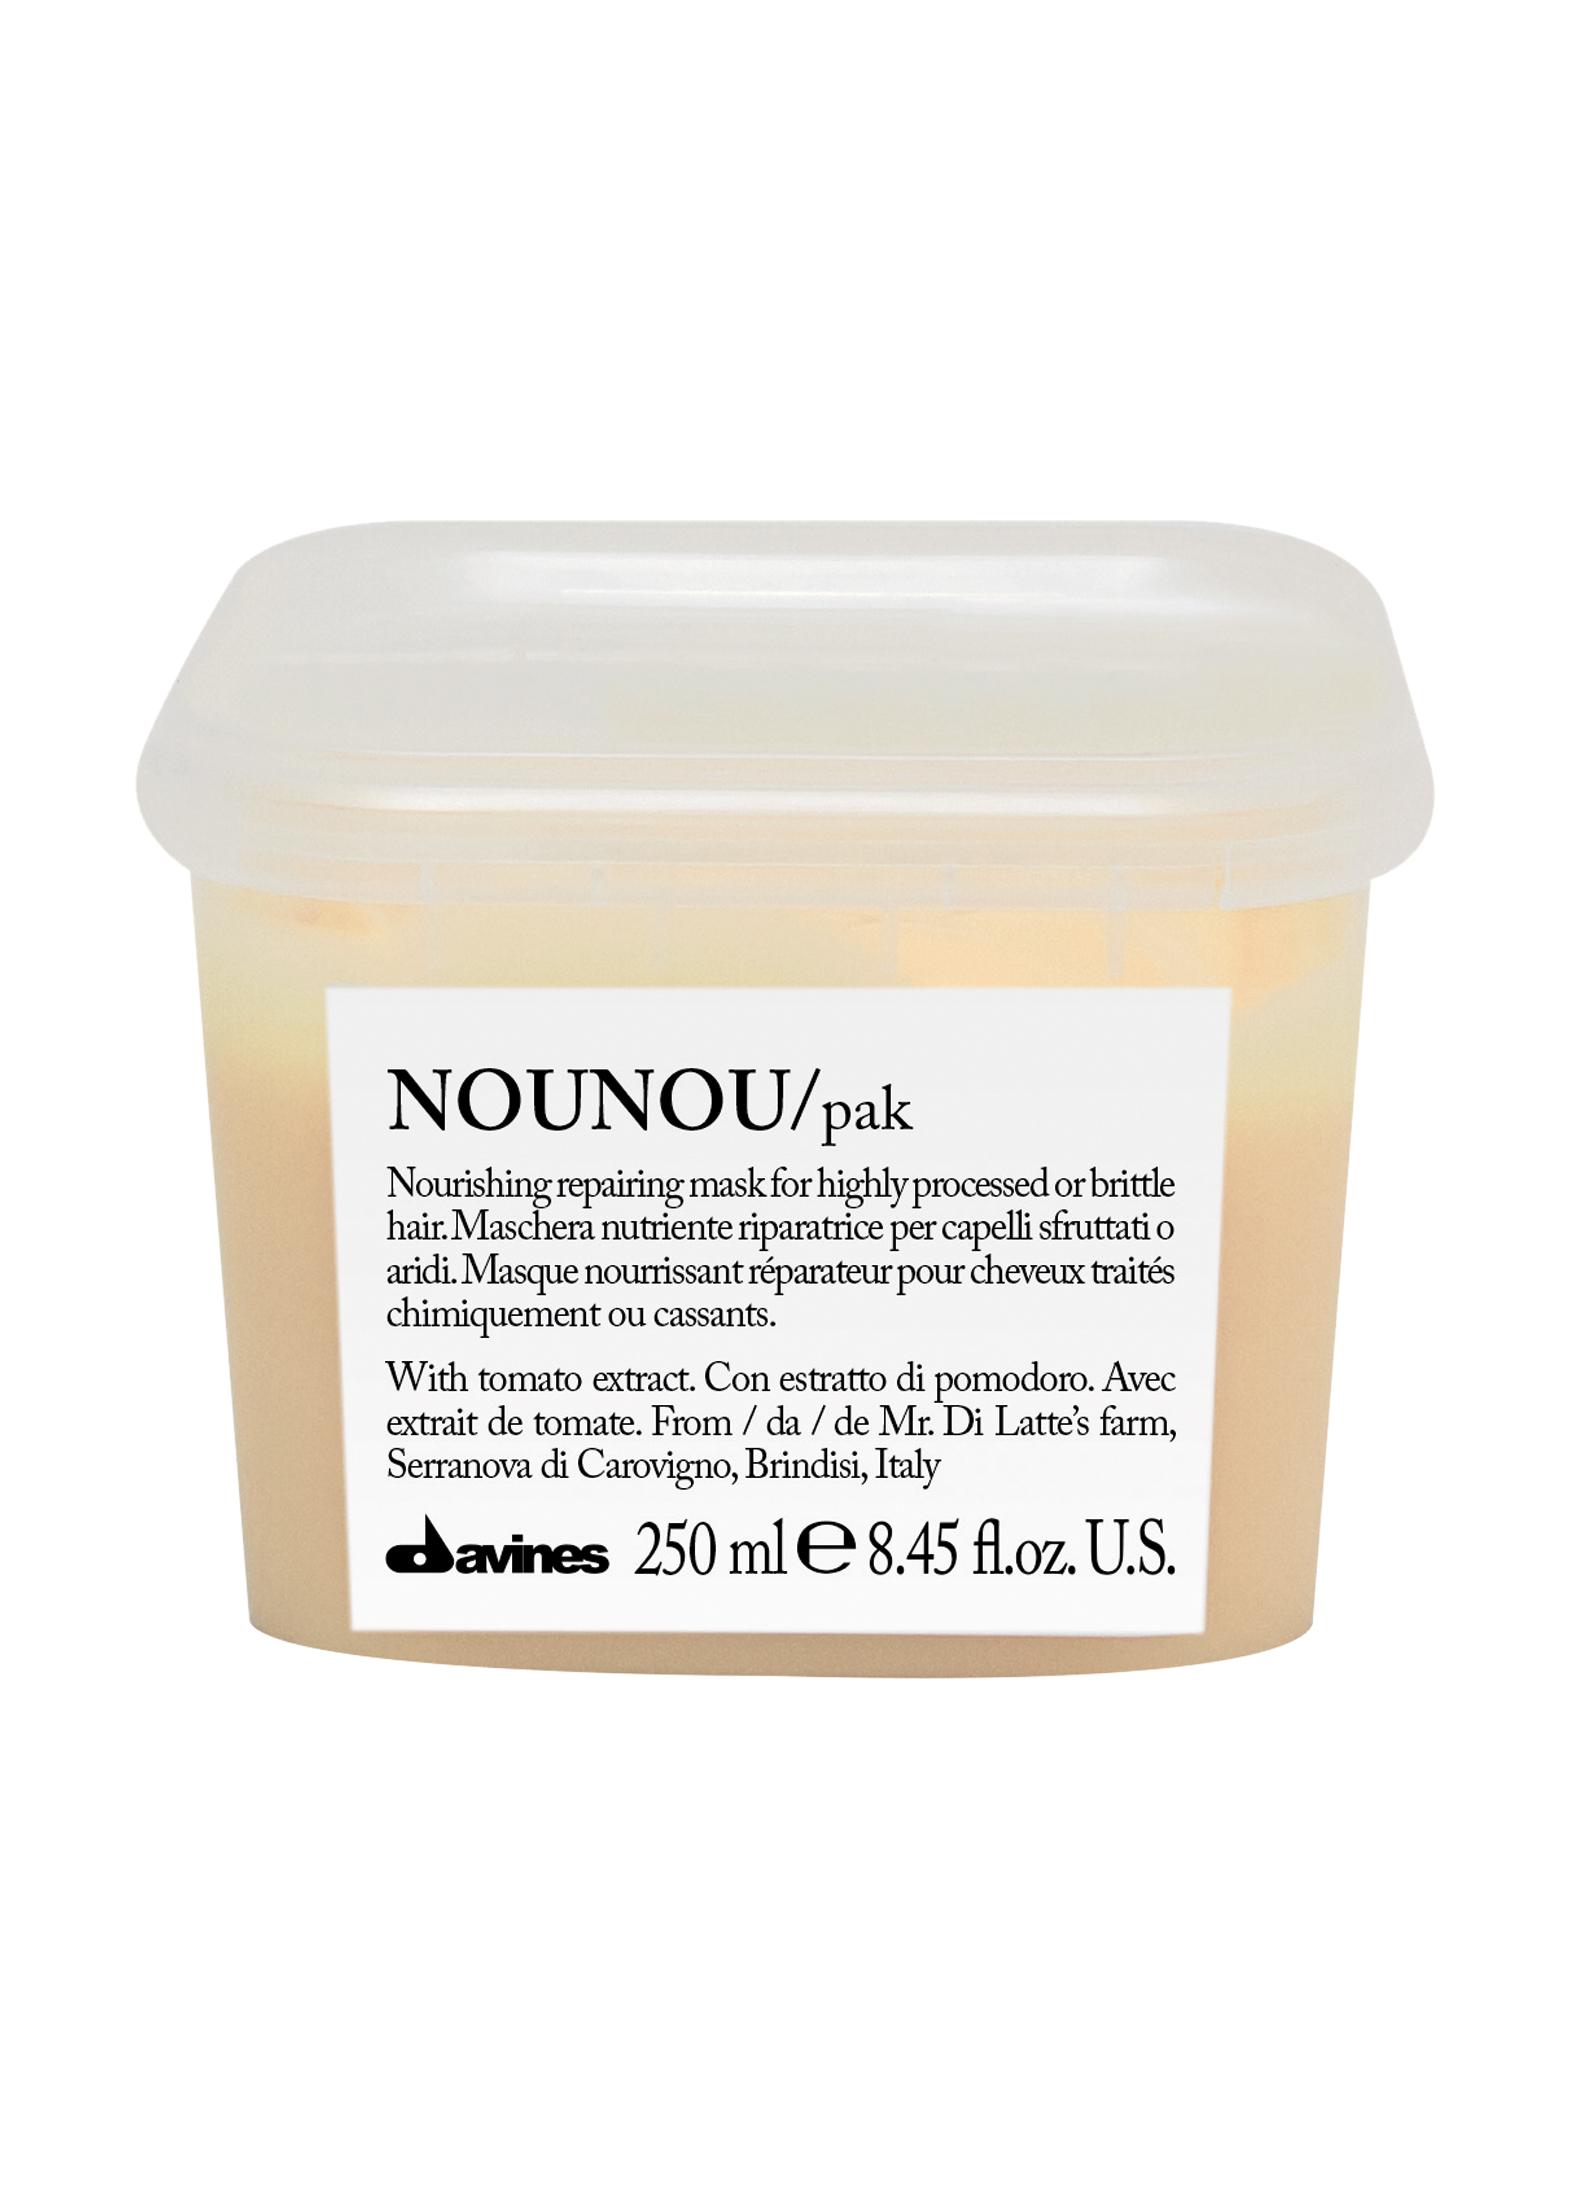 DEHC NOUNOU Hair Mask 250ml image number 0